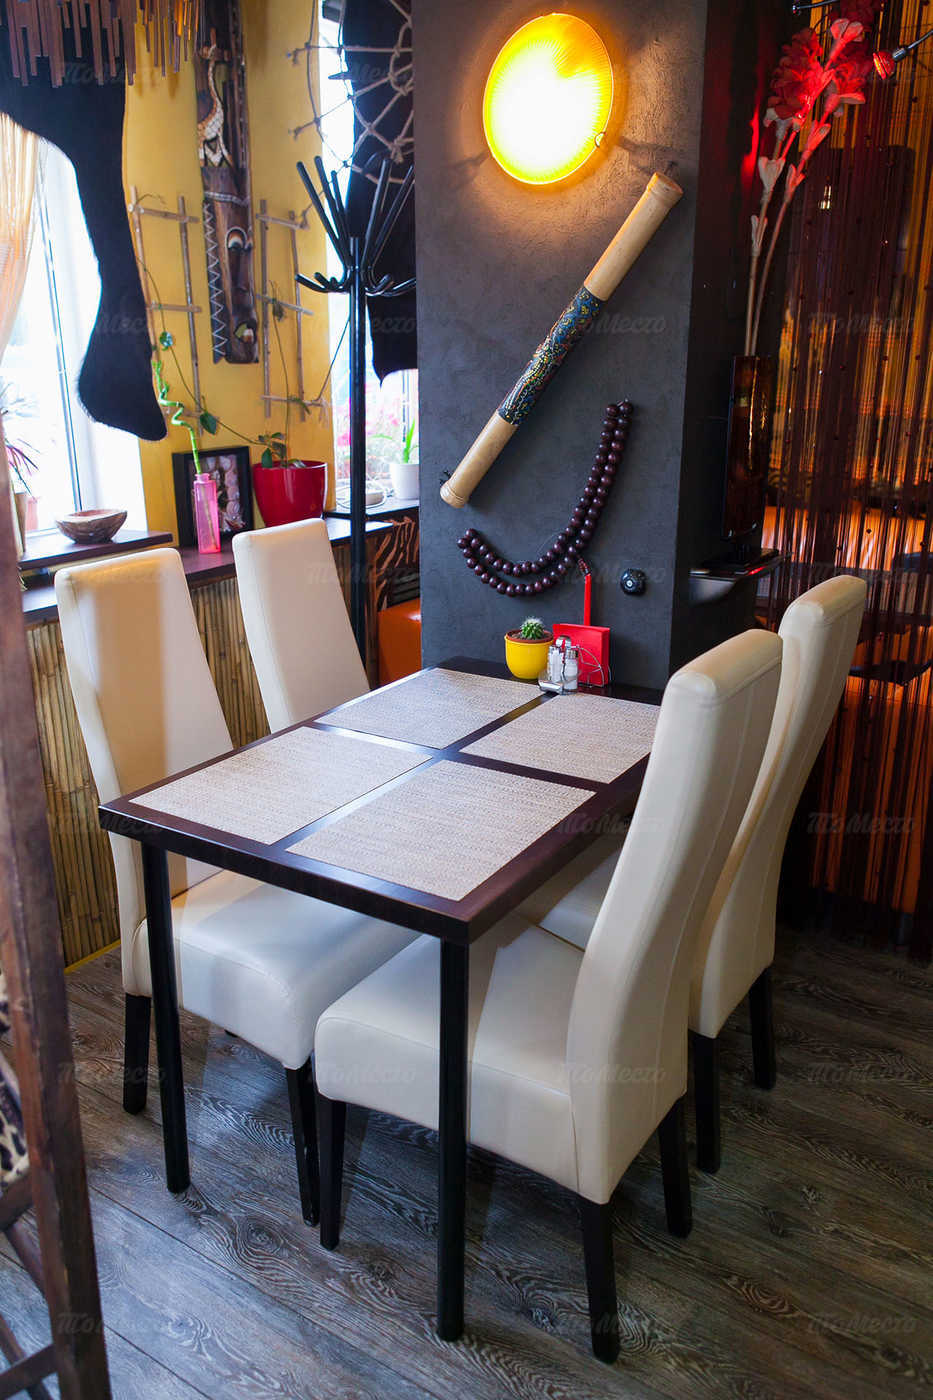 Индивидуалки в Санкт-Петербурге ресторан африка снять девочку Цимлянская ул.